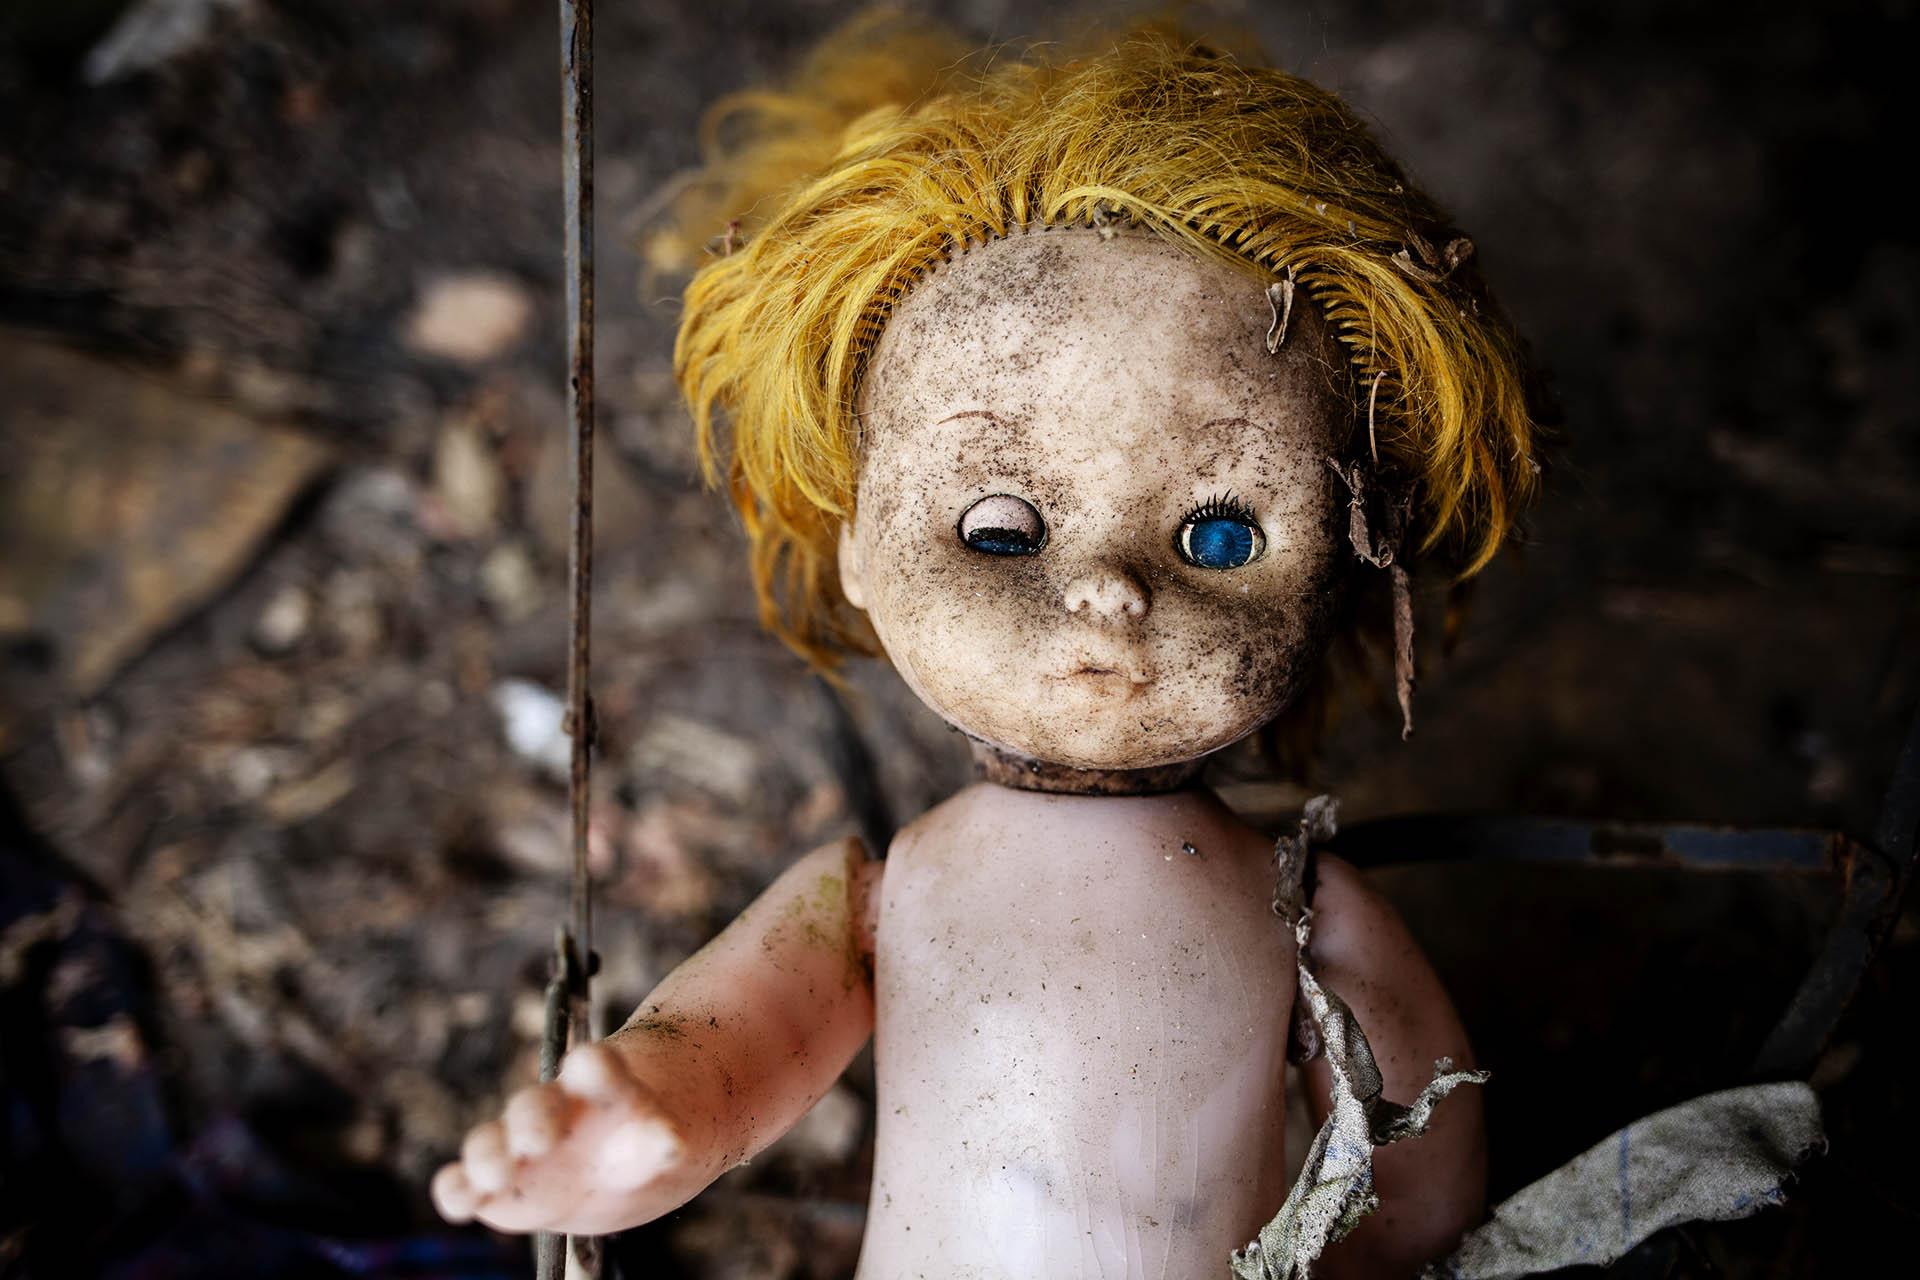 Una muñeca abandonada en una casa dentro del área de exclusión.